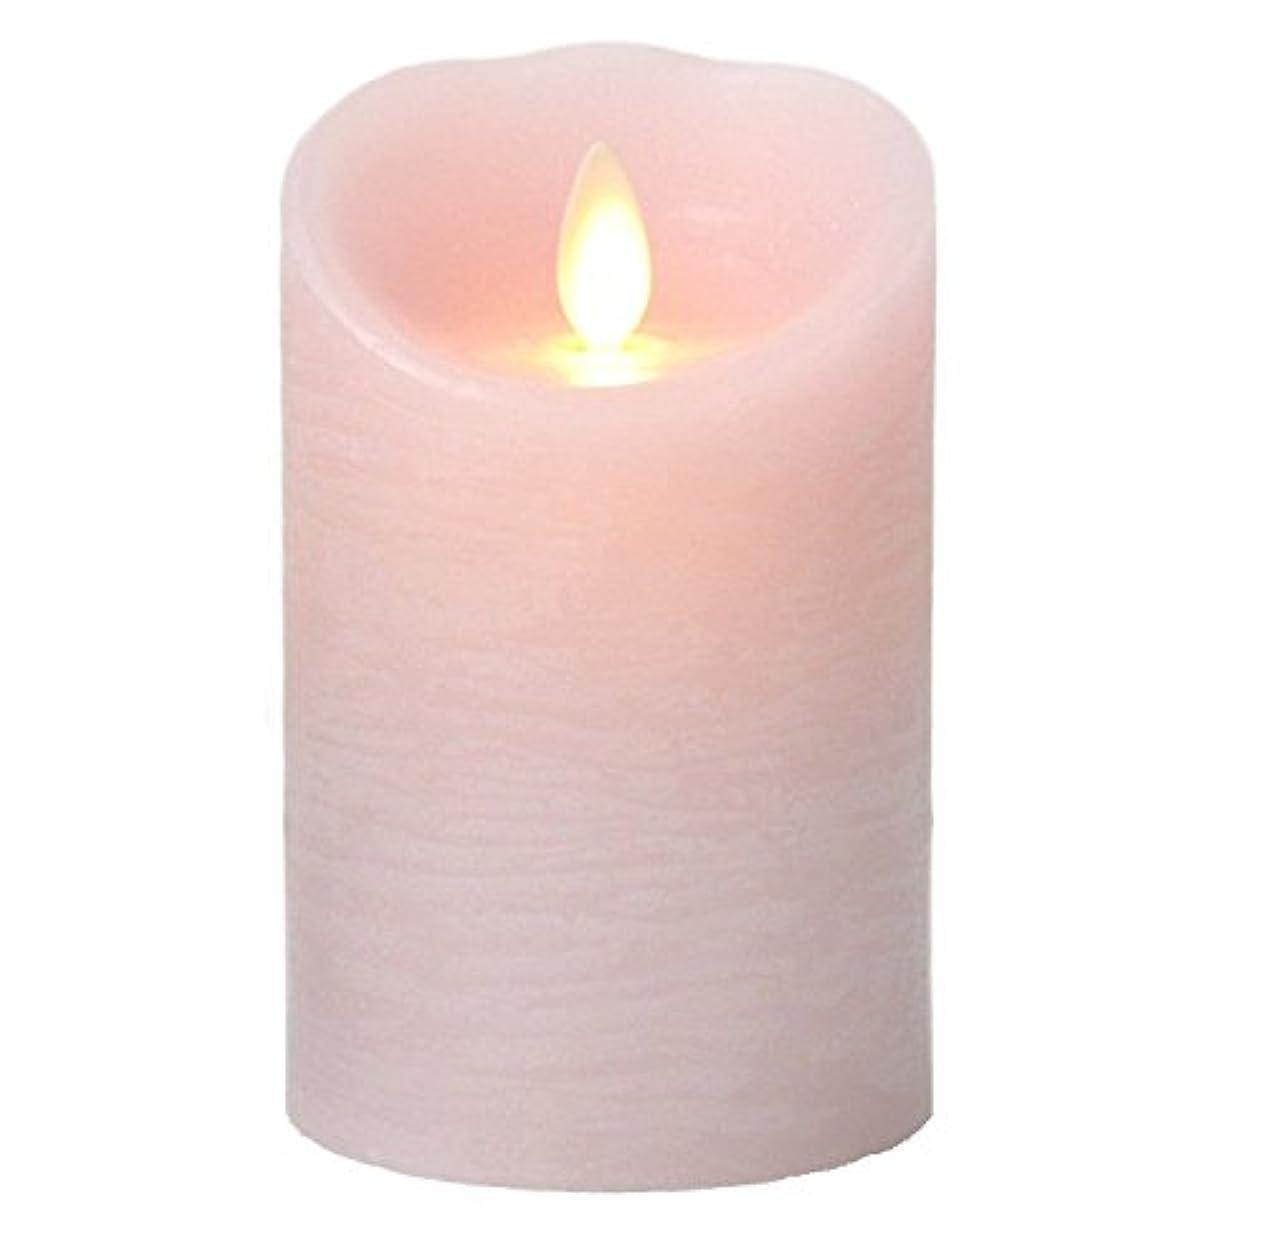 エネルギーマンハッタン地域のLUMINARA(ルミナラ)ピラー3×4【ギフトボックス付き】 「 ピンク 」 03070010BPK